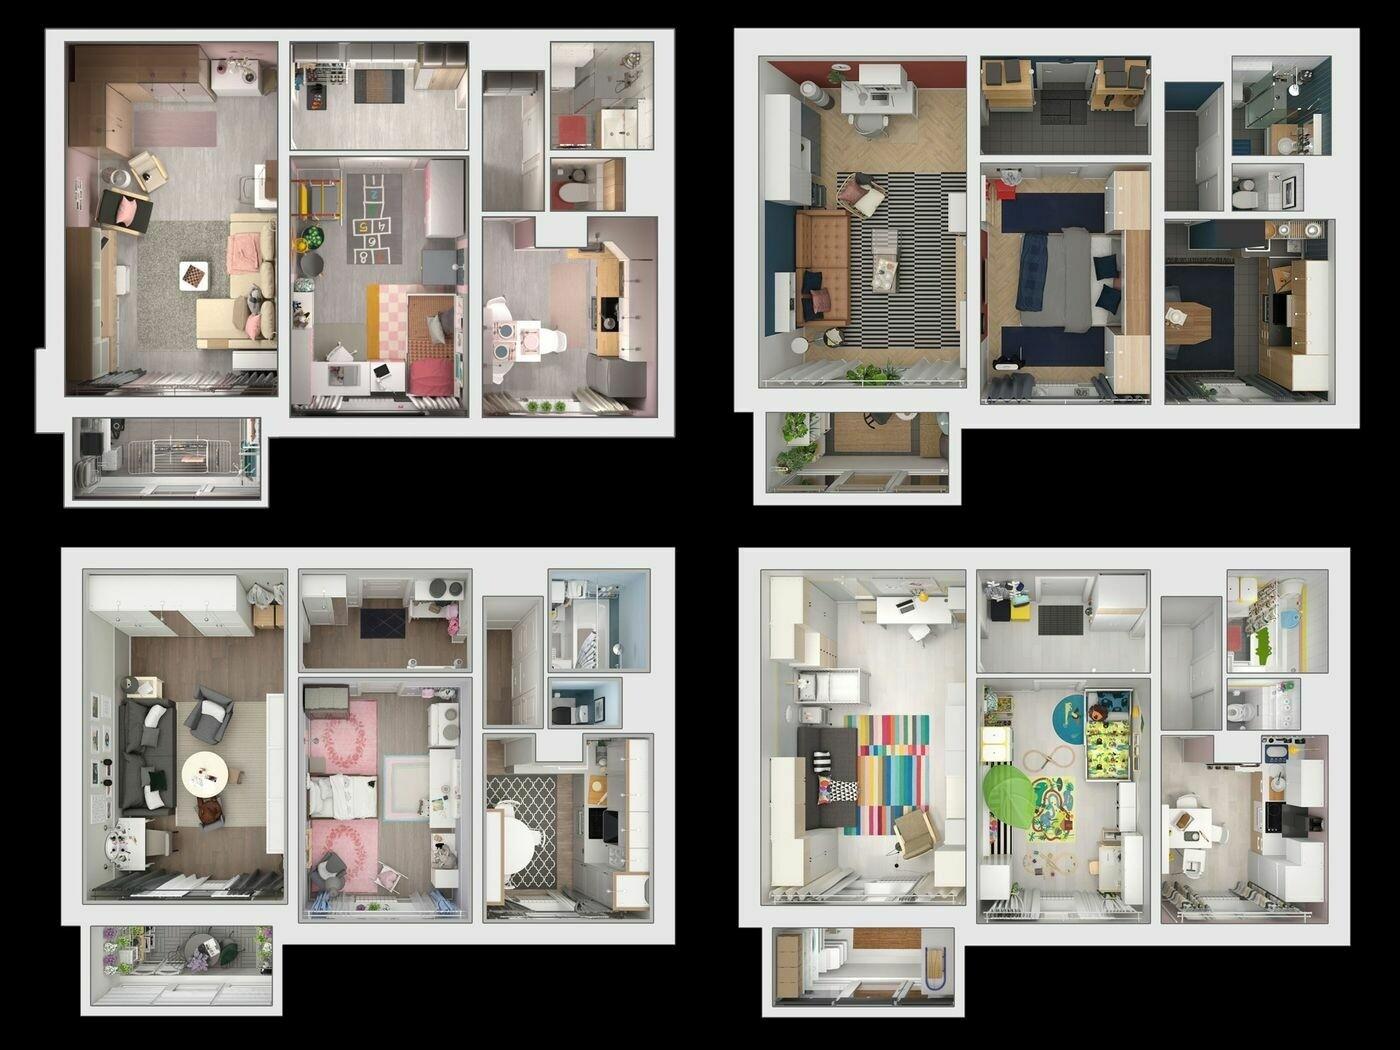 IKEA: бесплатная библиотека дизайн-проектов для квартир в «хрущёвках» помогла увеличить продажи в России на 17%